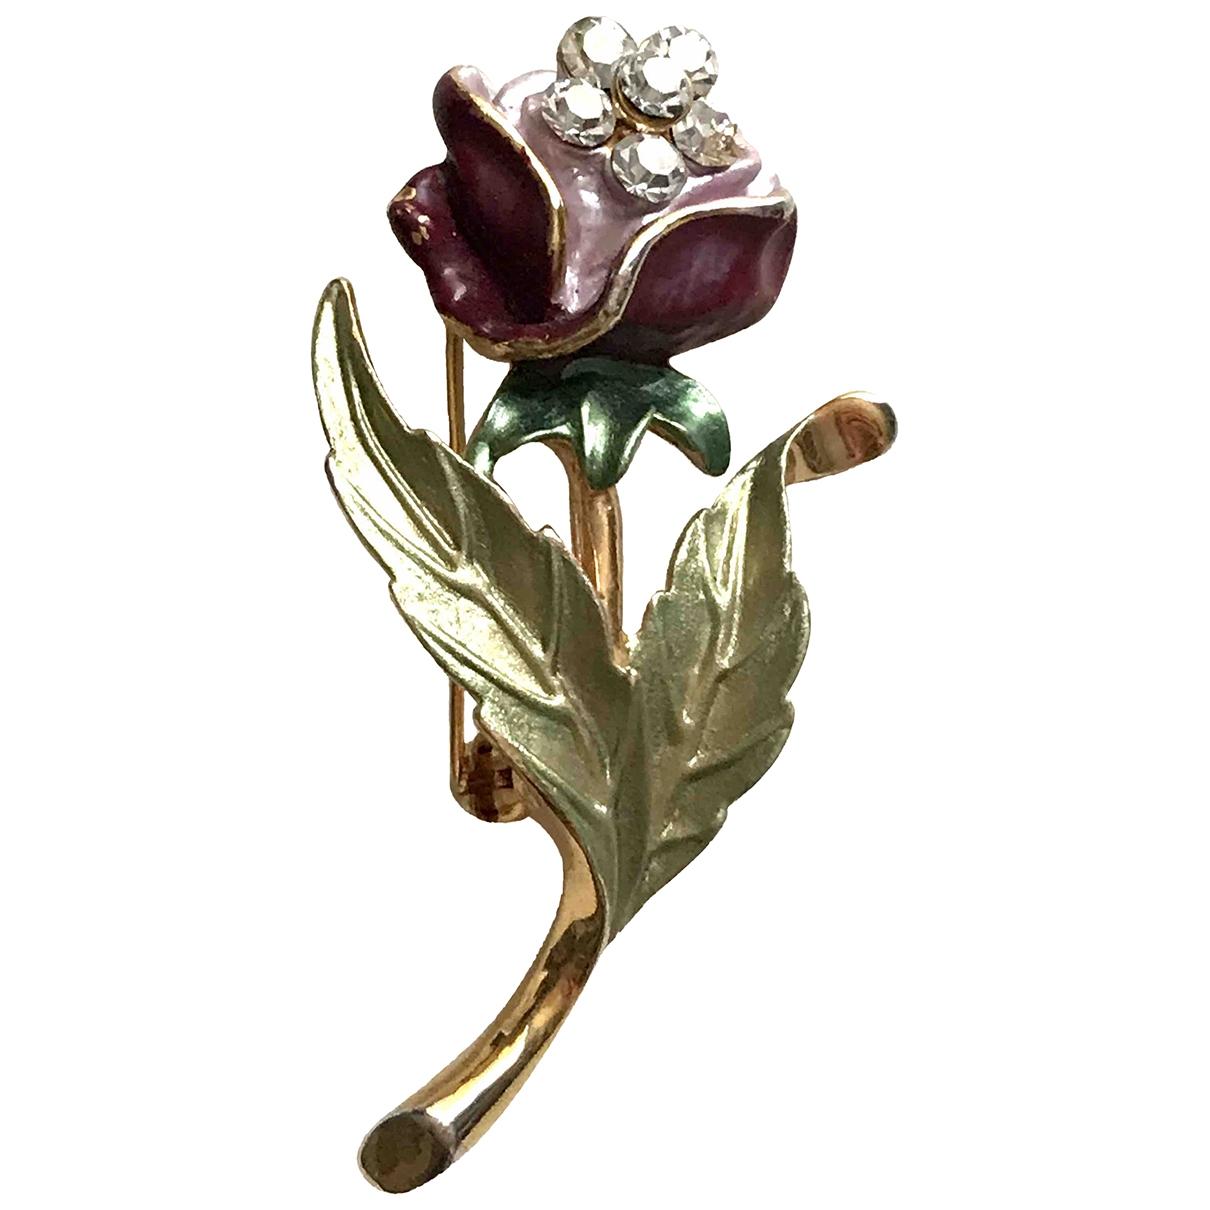 Broche Motifs Floraux en Metal Violeta Non Signe / Unsigned